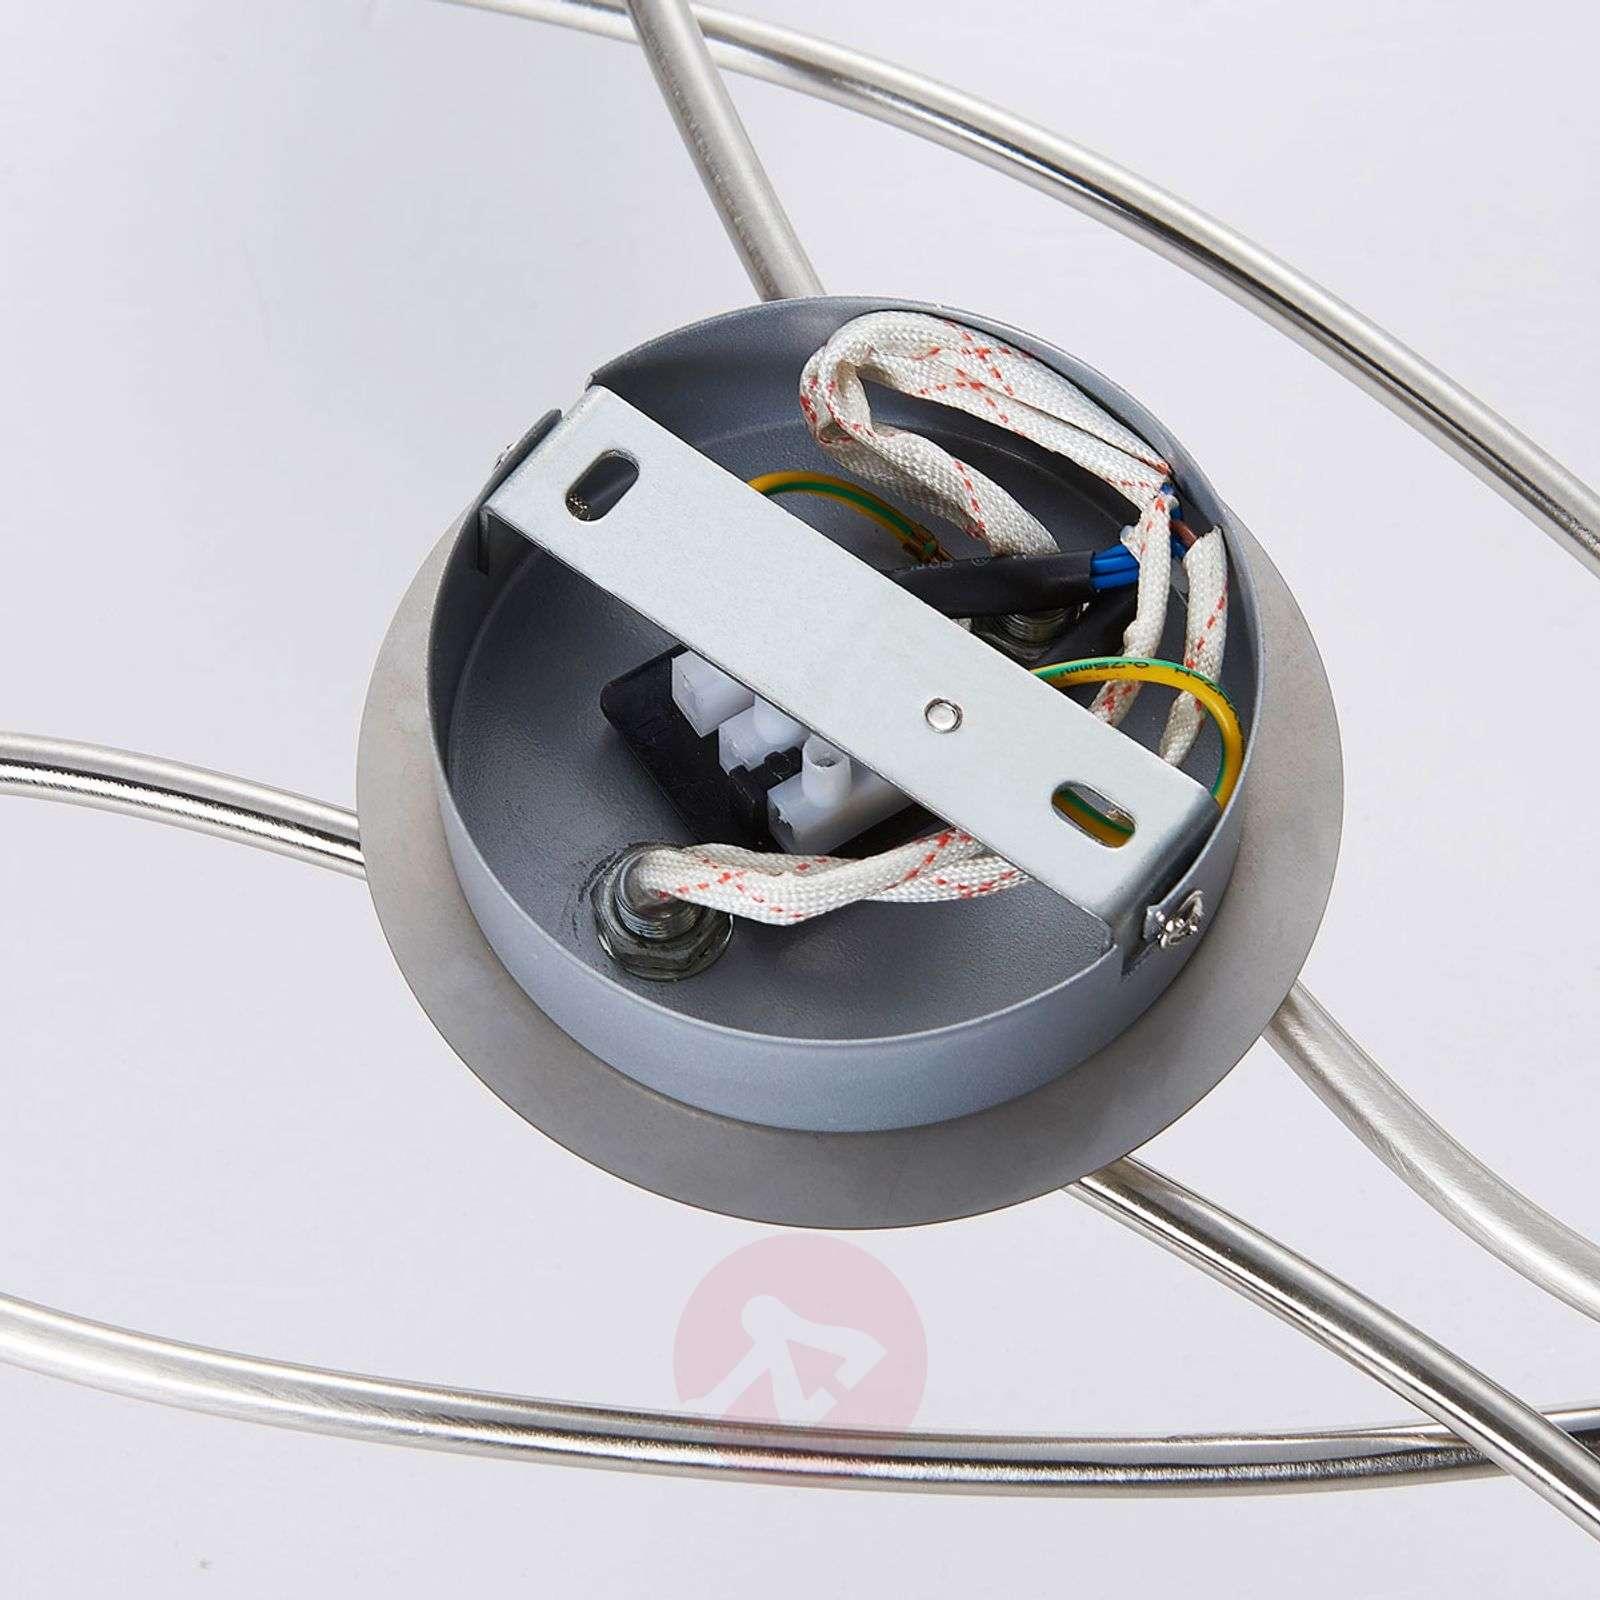 4-lamppuinen LED-kohdevalo Hailey, nikkeli-9621040-02